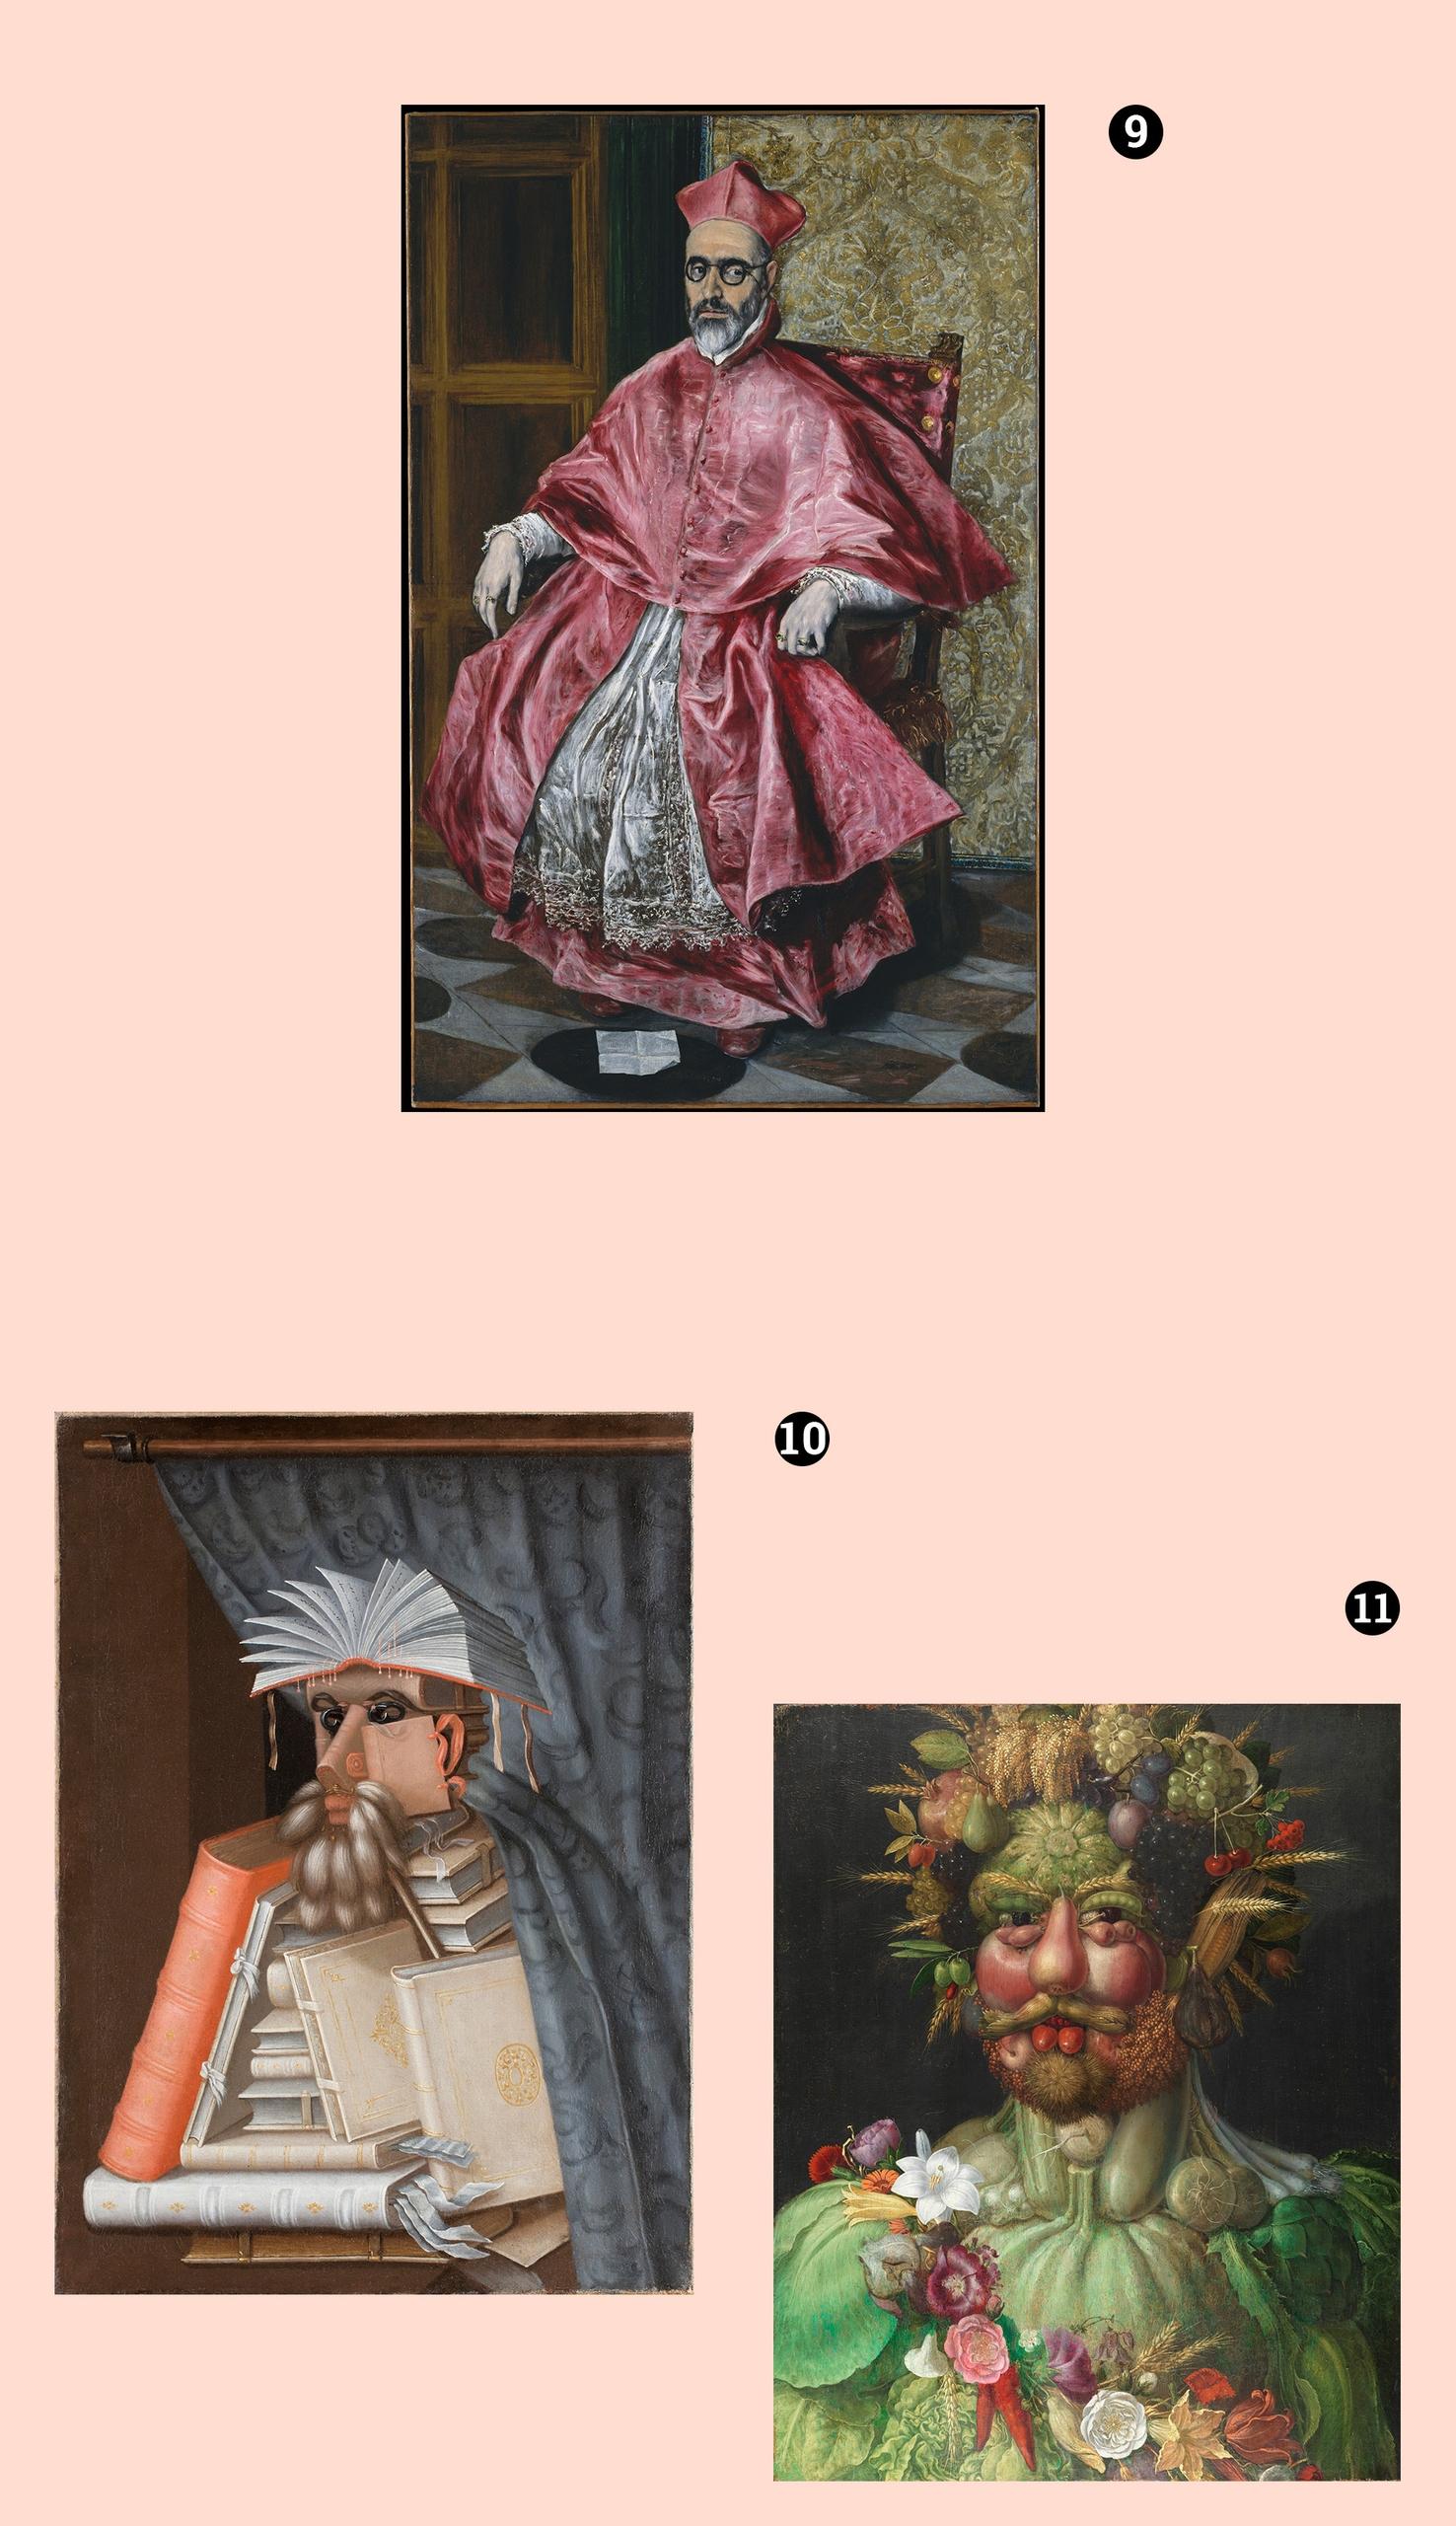 Obraz przedstawia trzy fotografie. Na każdej z nich widzimy namalowany portret mężczyzny. Całość na jasno-beżowym tle.